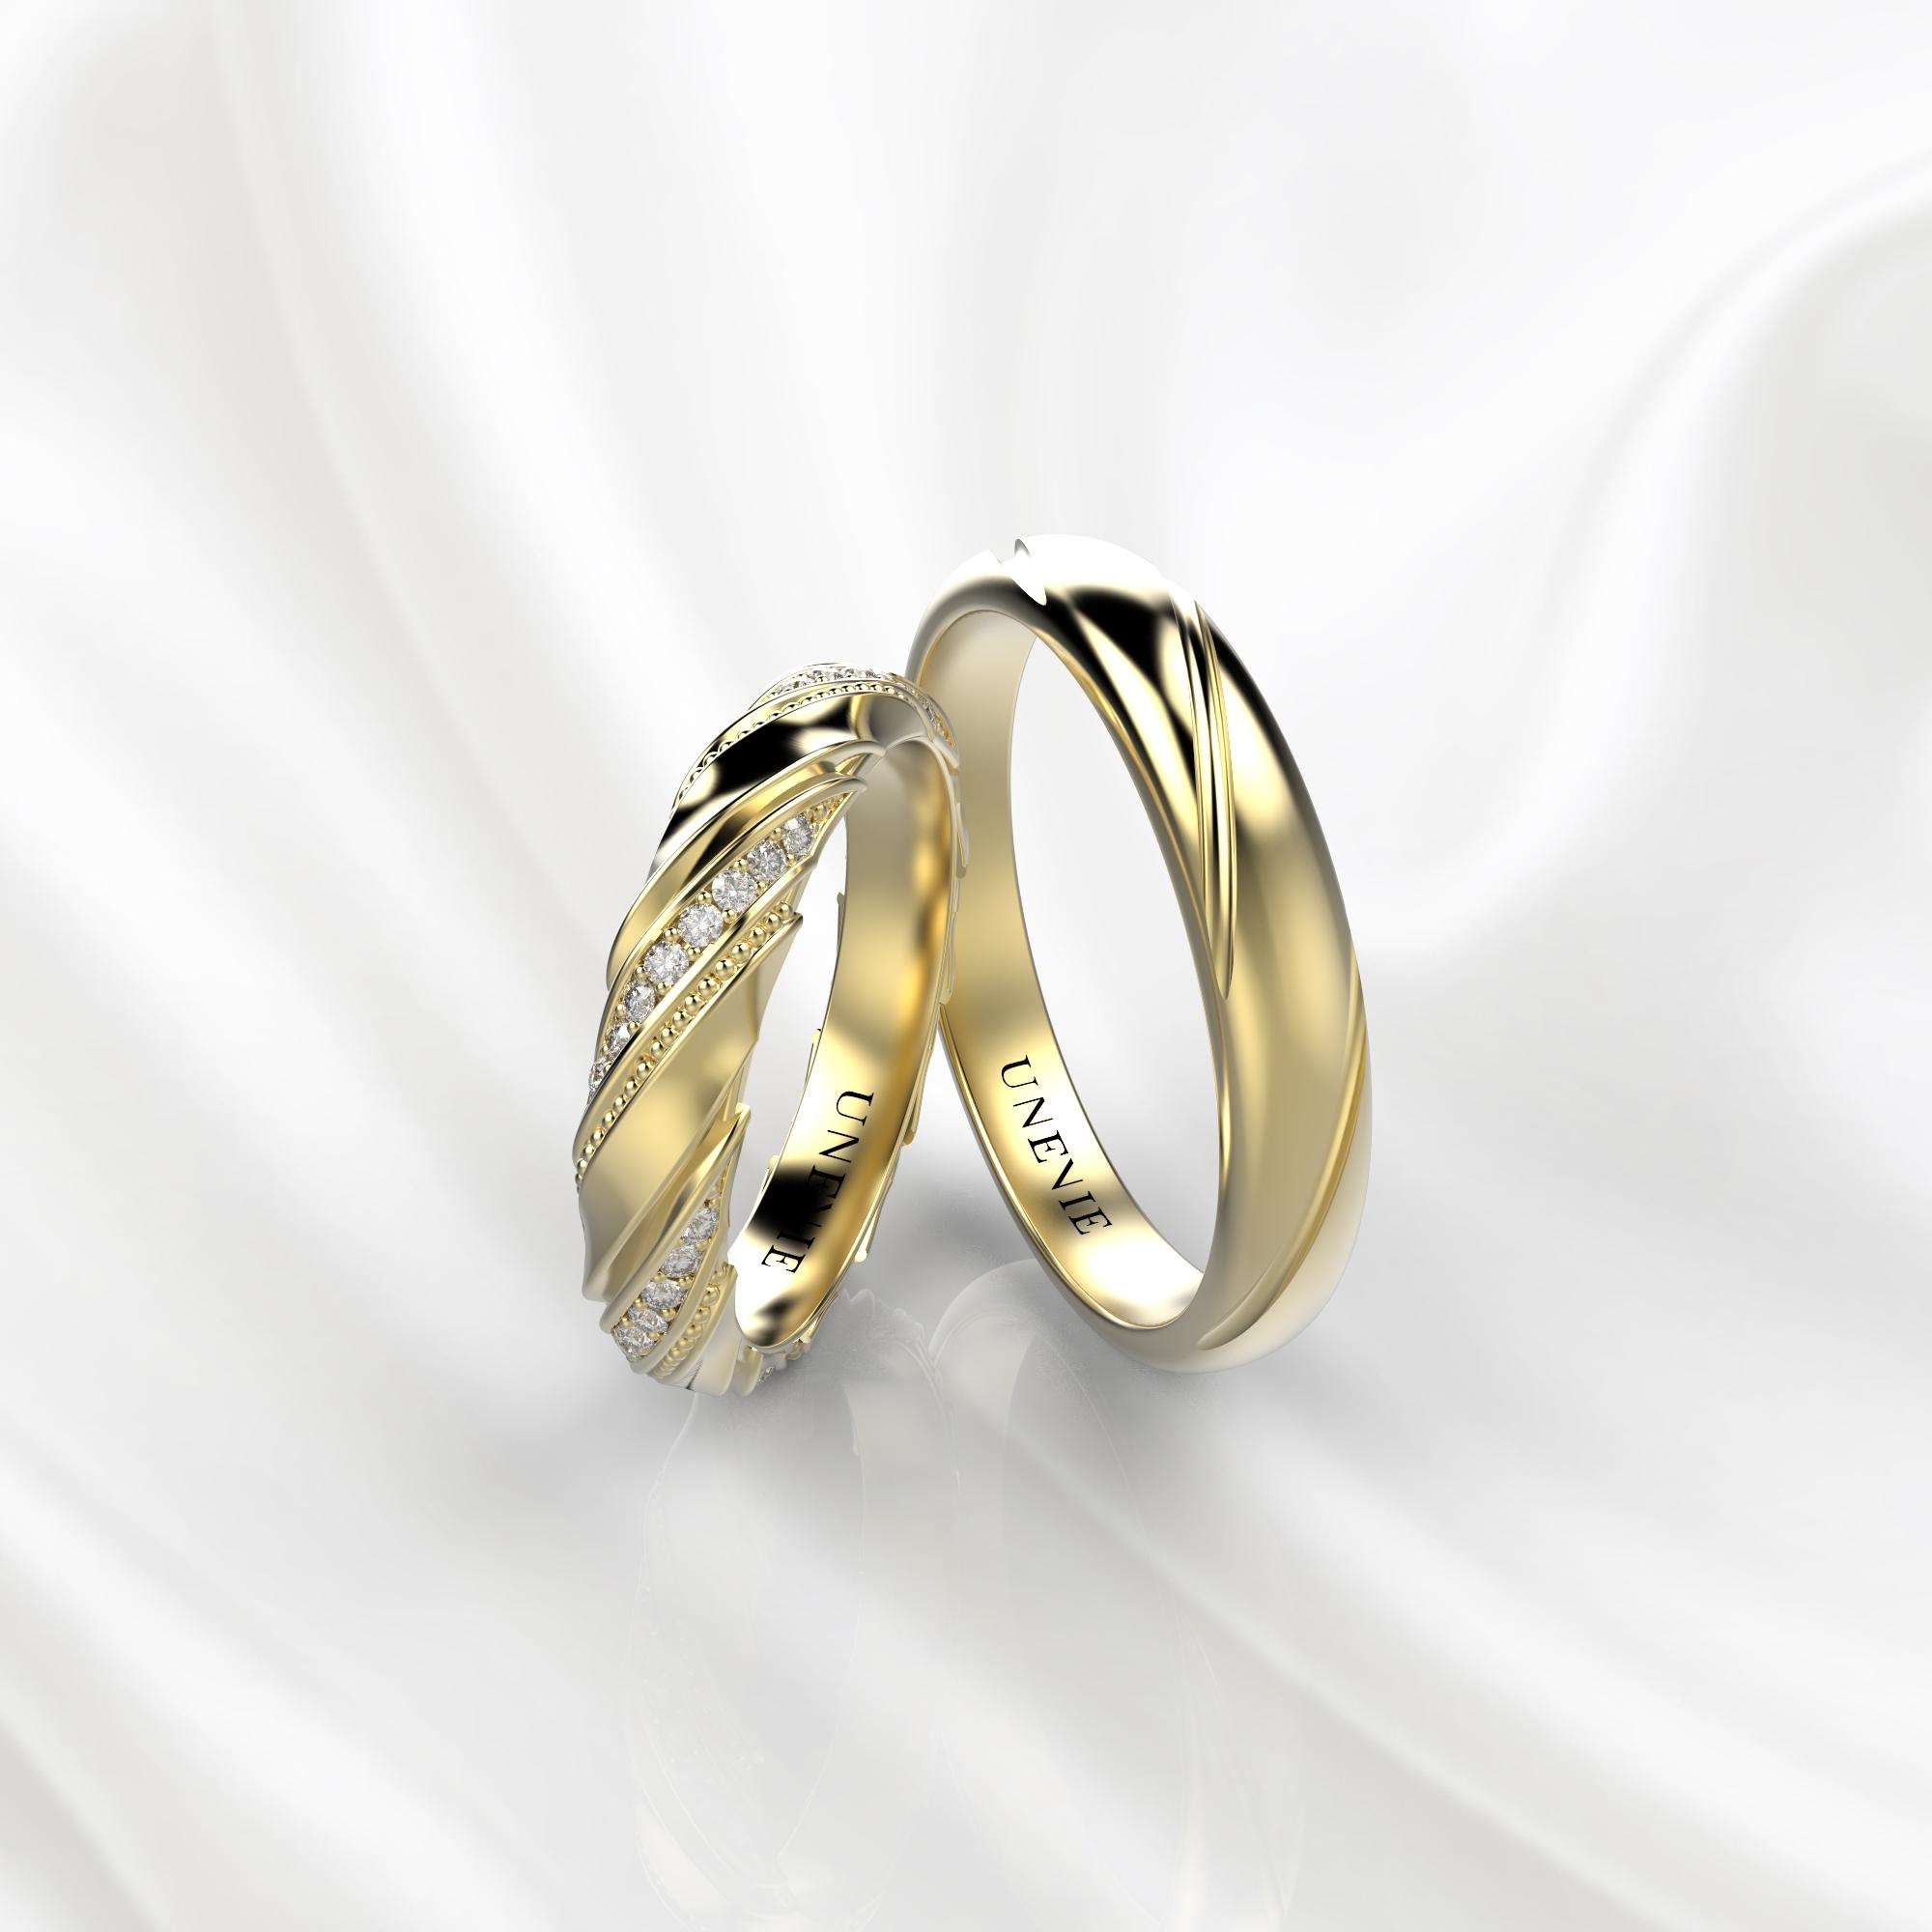 NV50 Парные обручальные кольца из желтого золота с бриллиантами